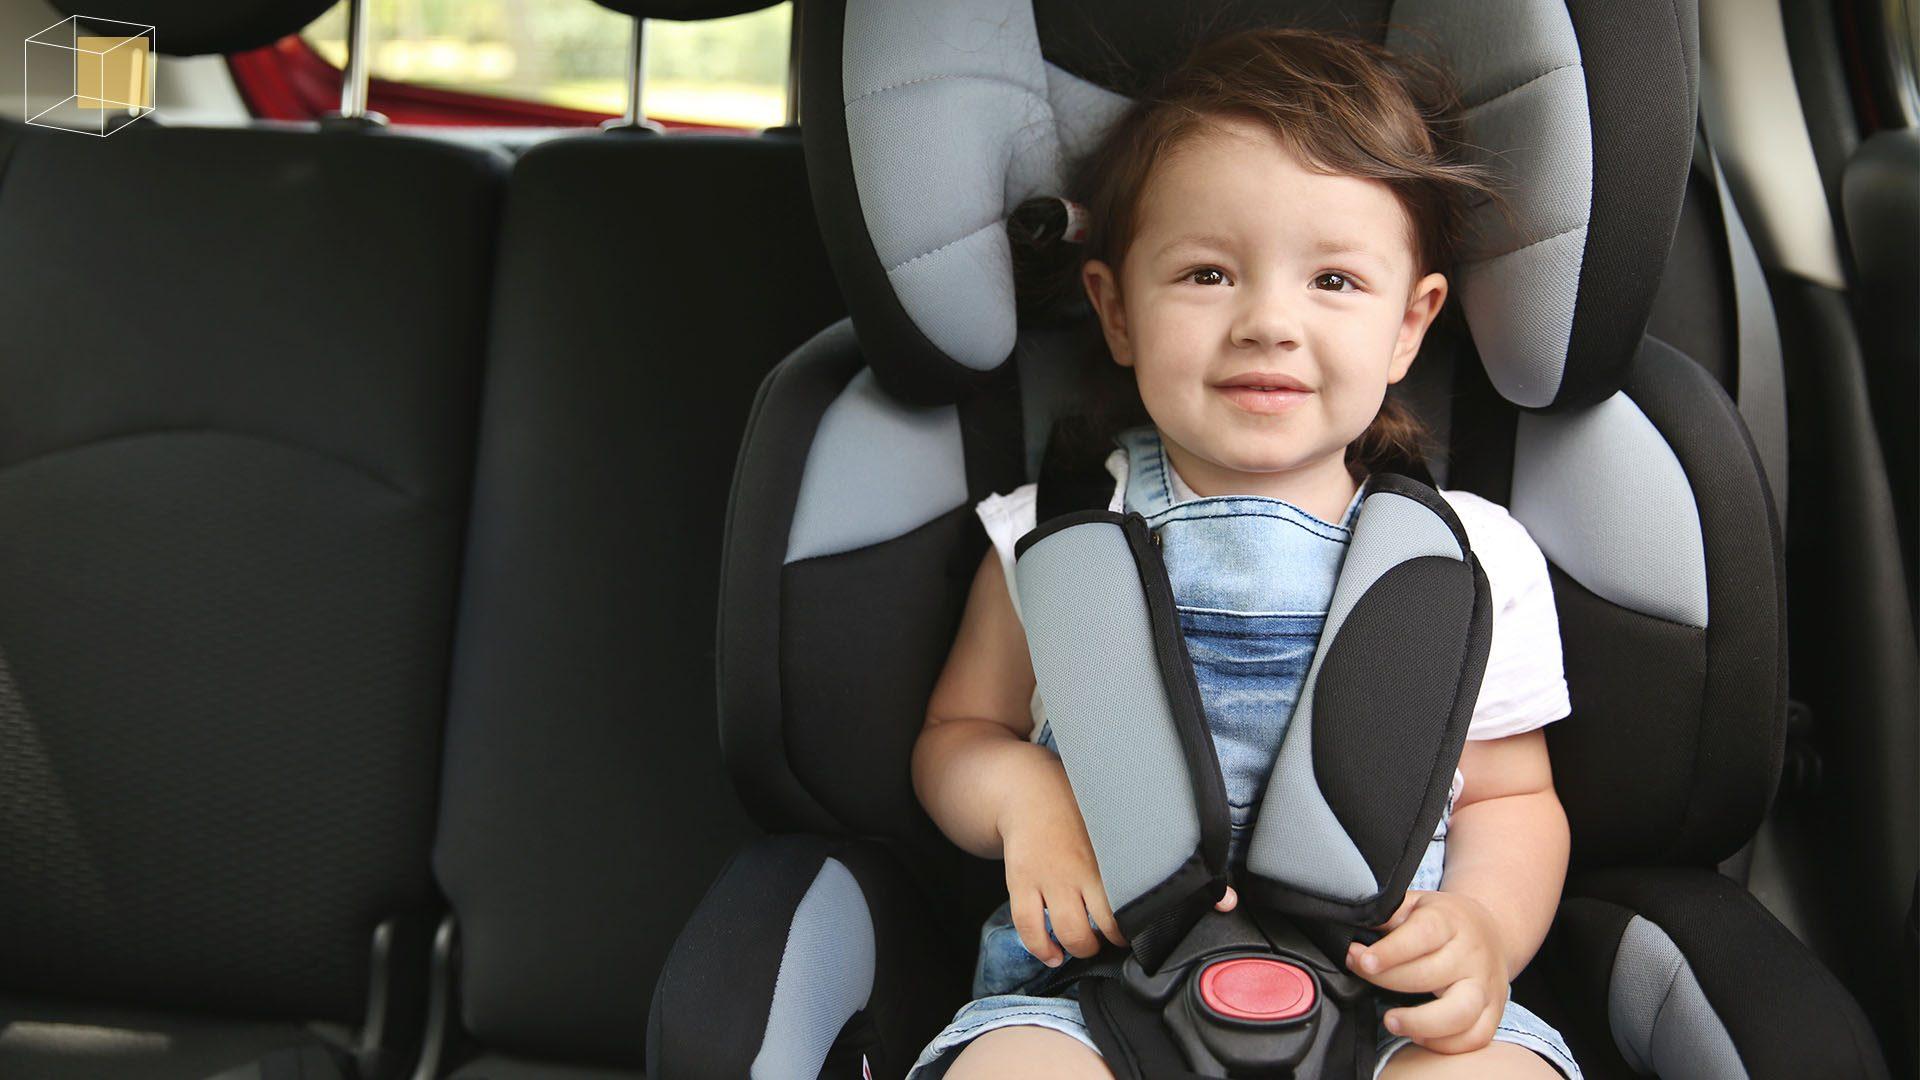 Car Seat